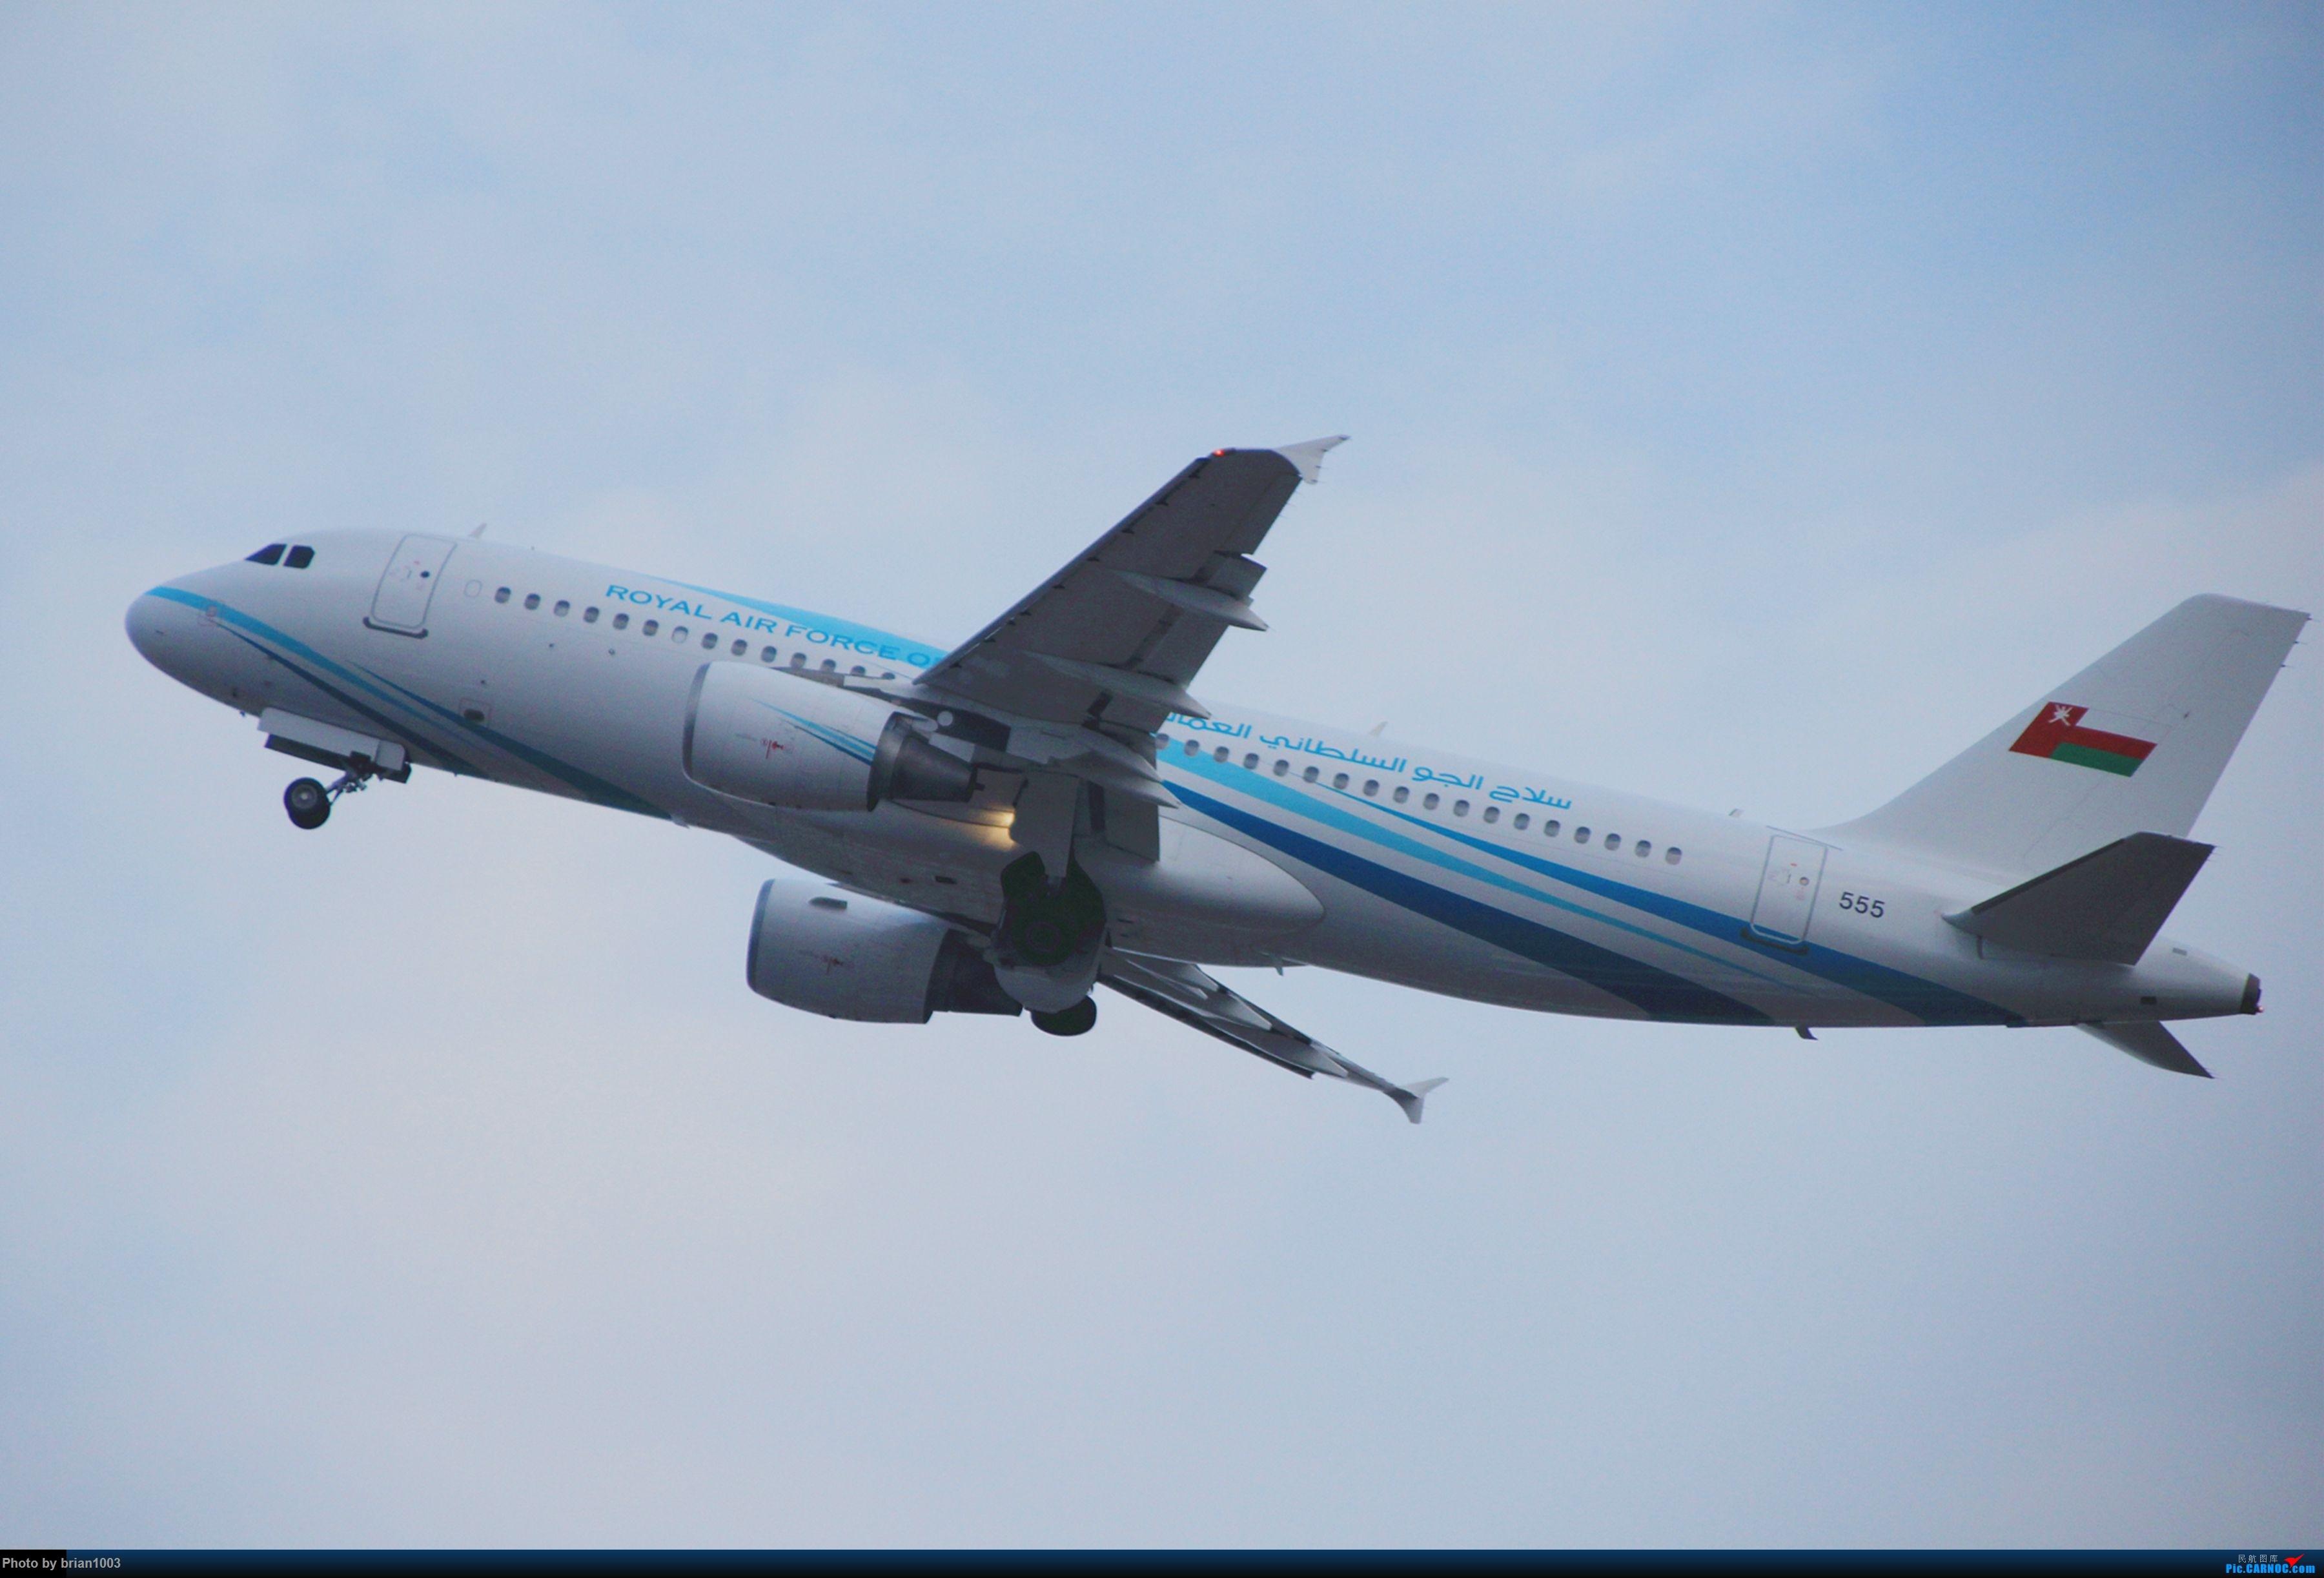 Re:[原创]WUH武汉天河机场拍机之精彩满满的十月(还可能更新) AIRBUS A320 555 中国武汉天河国际机场